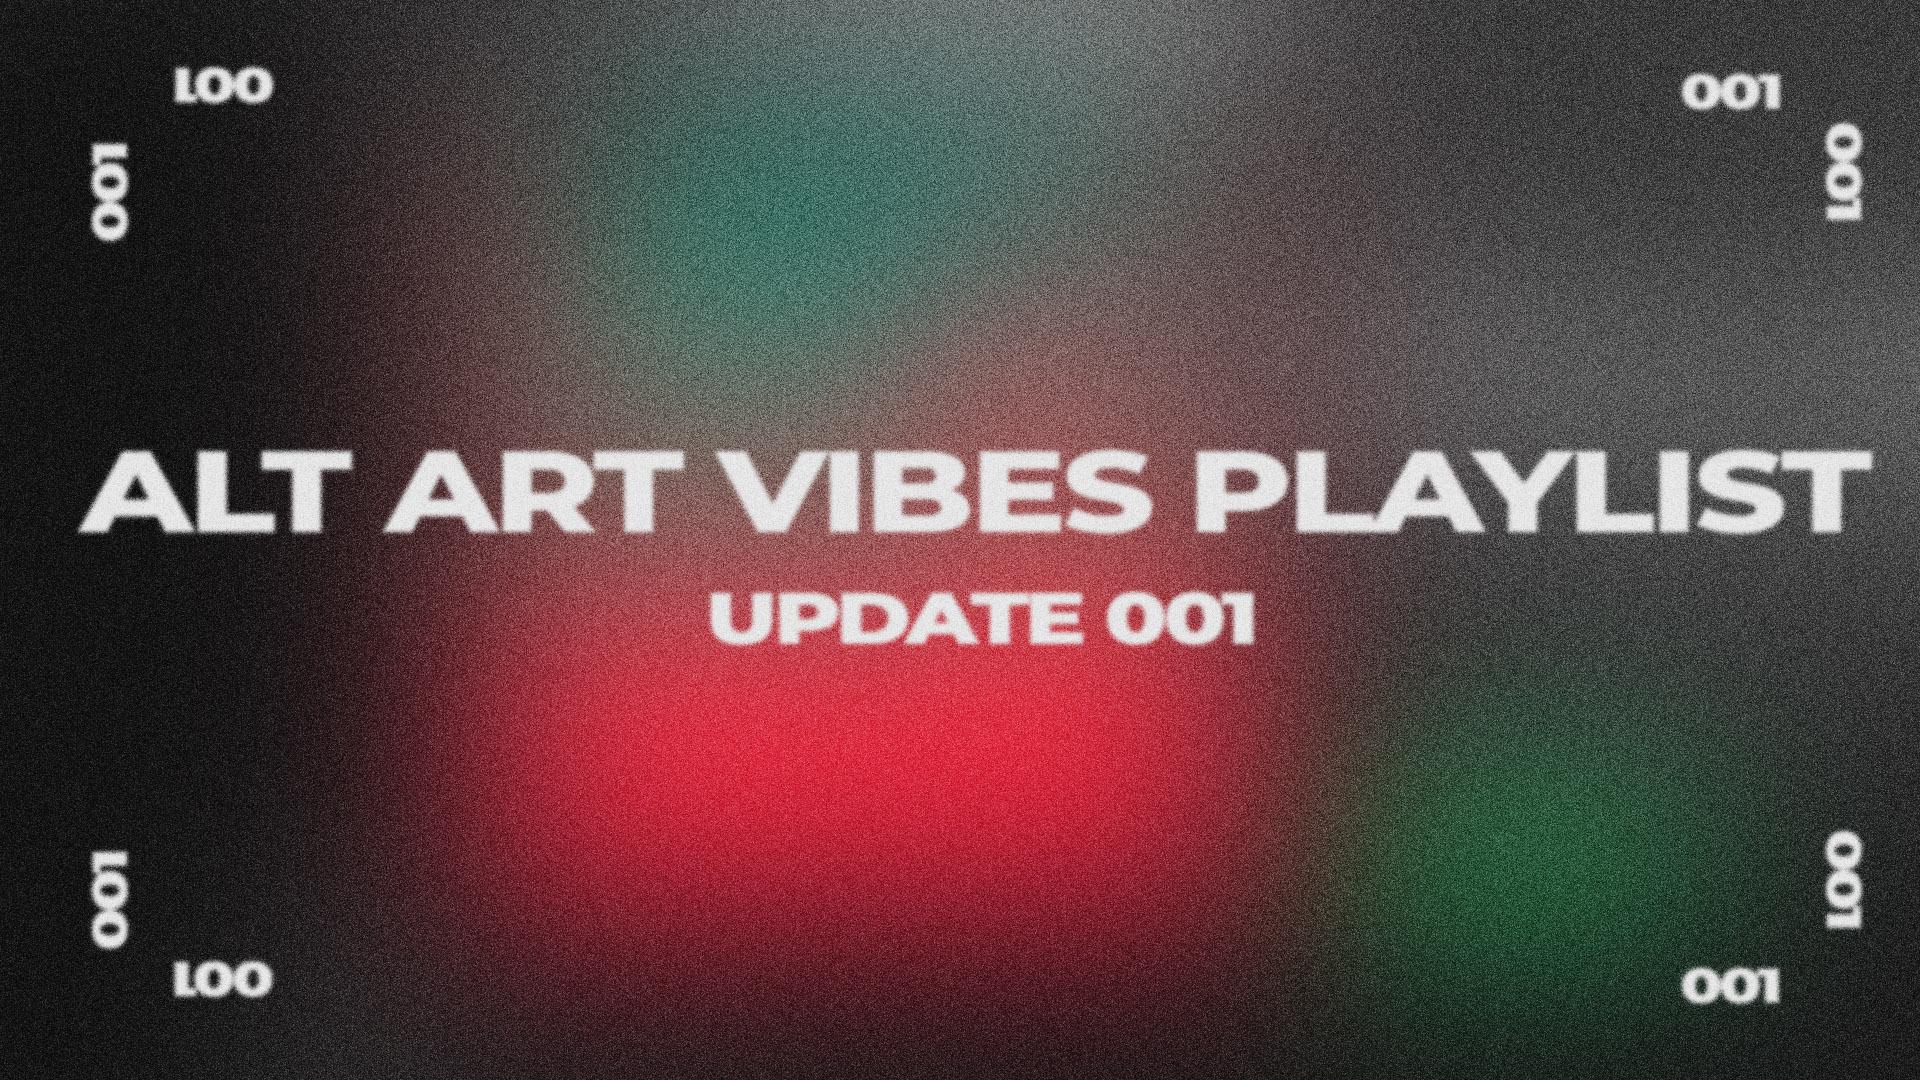 xlog001 - youtube video 001 playlist updates alt art vibes